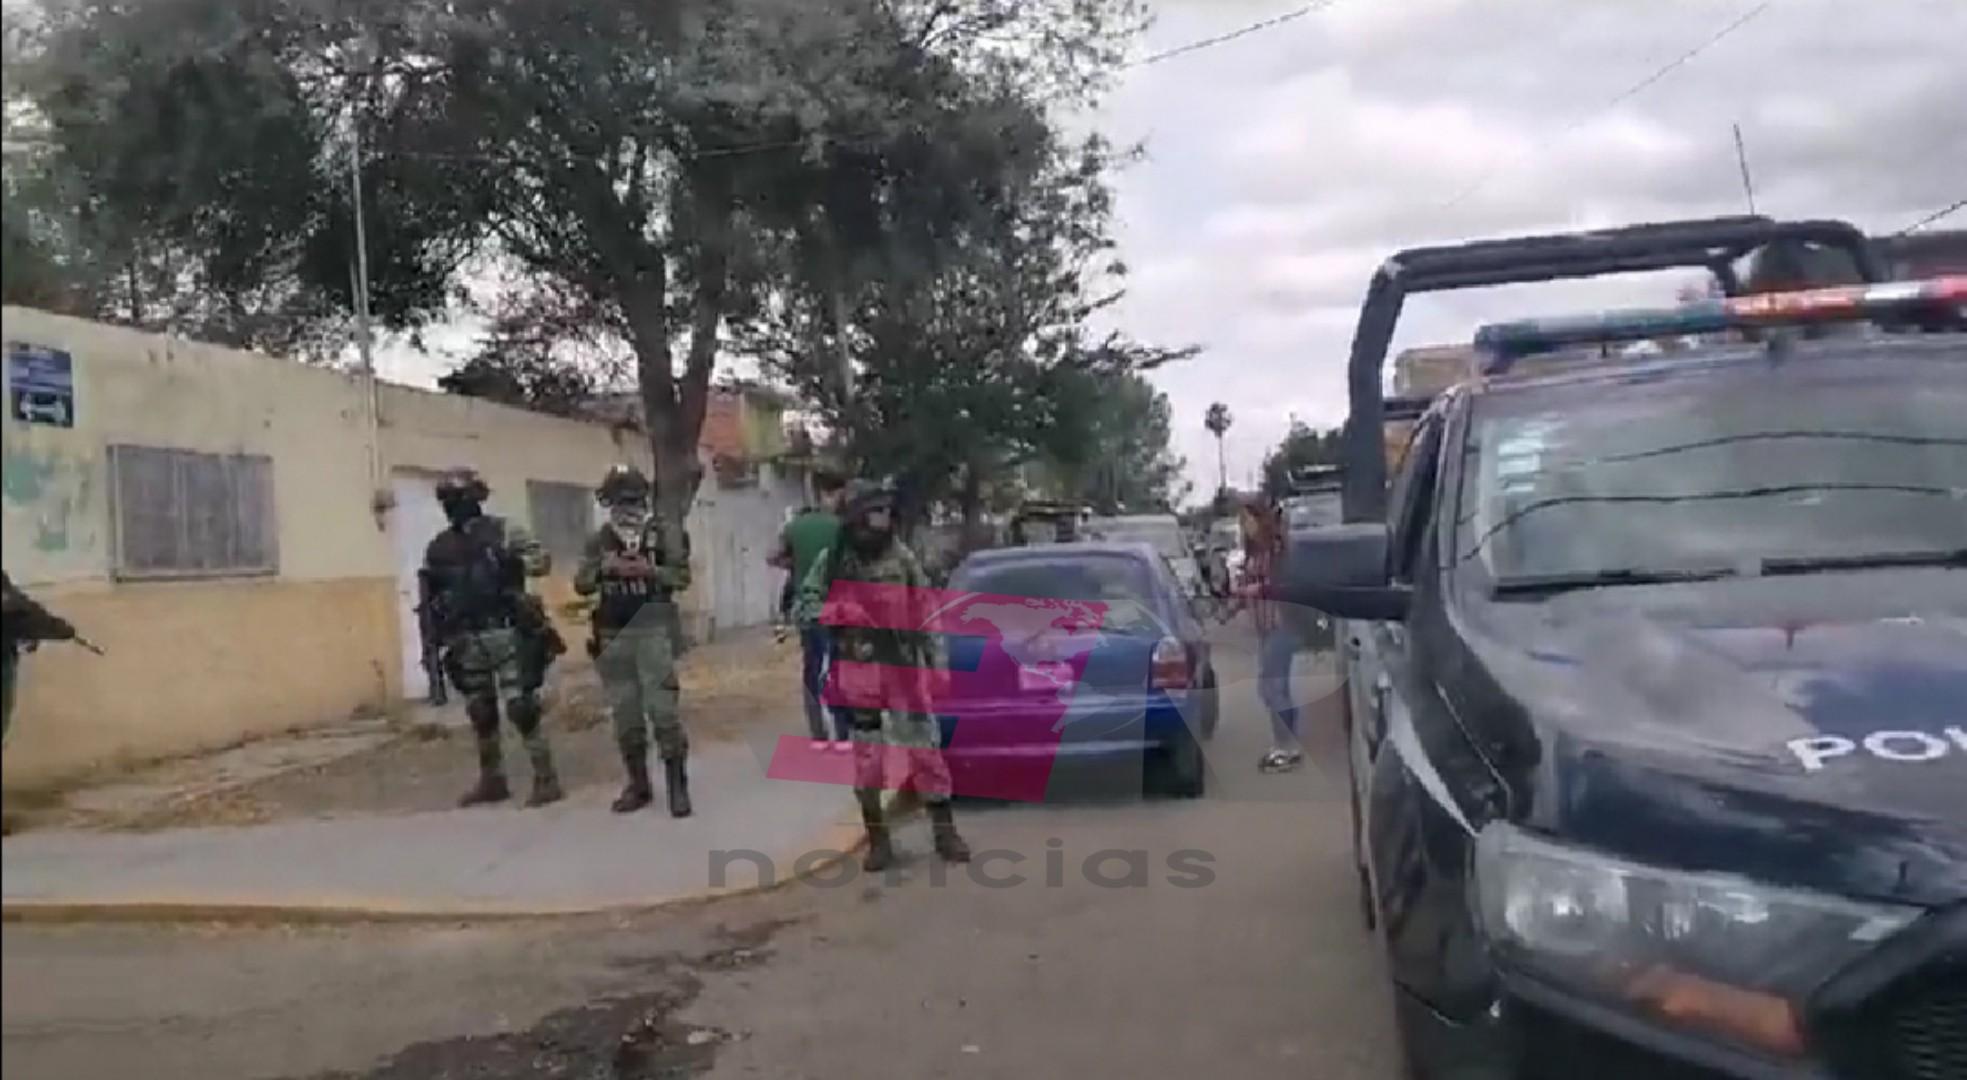 TENÍA 15 AÑOS MUJER EJECUTADA EN LA COL. LÁZARO CÁRDENAS 2